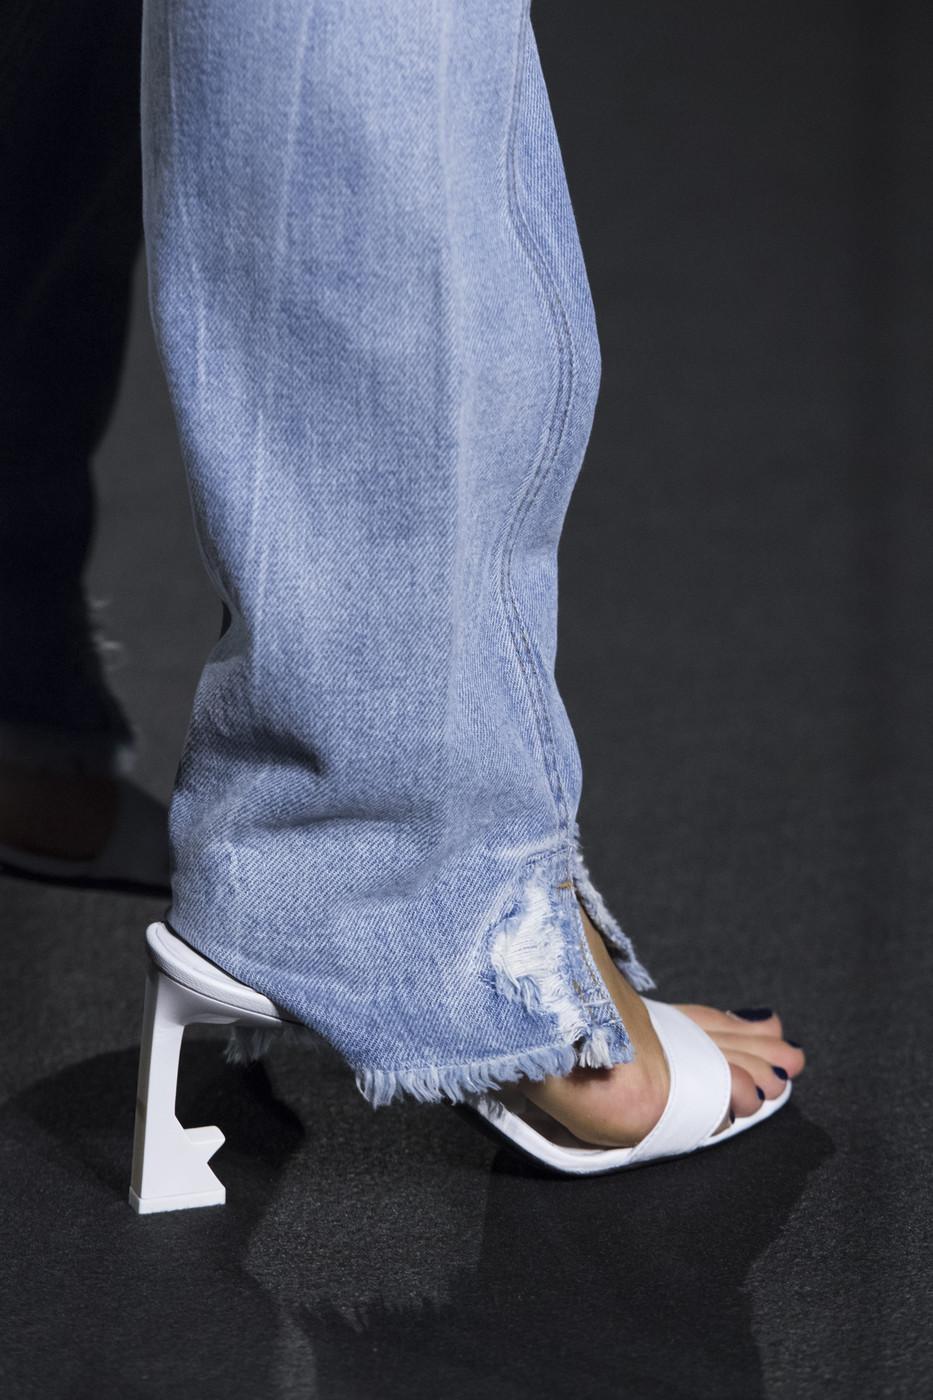 Zadig & Voltaire at Paris Fashion Week Spring 2020